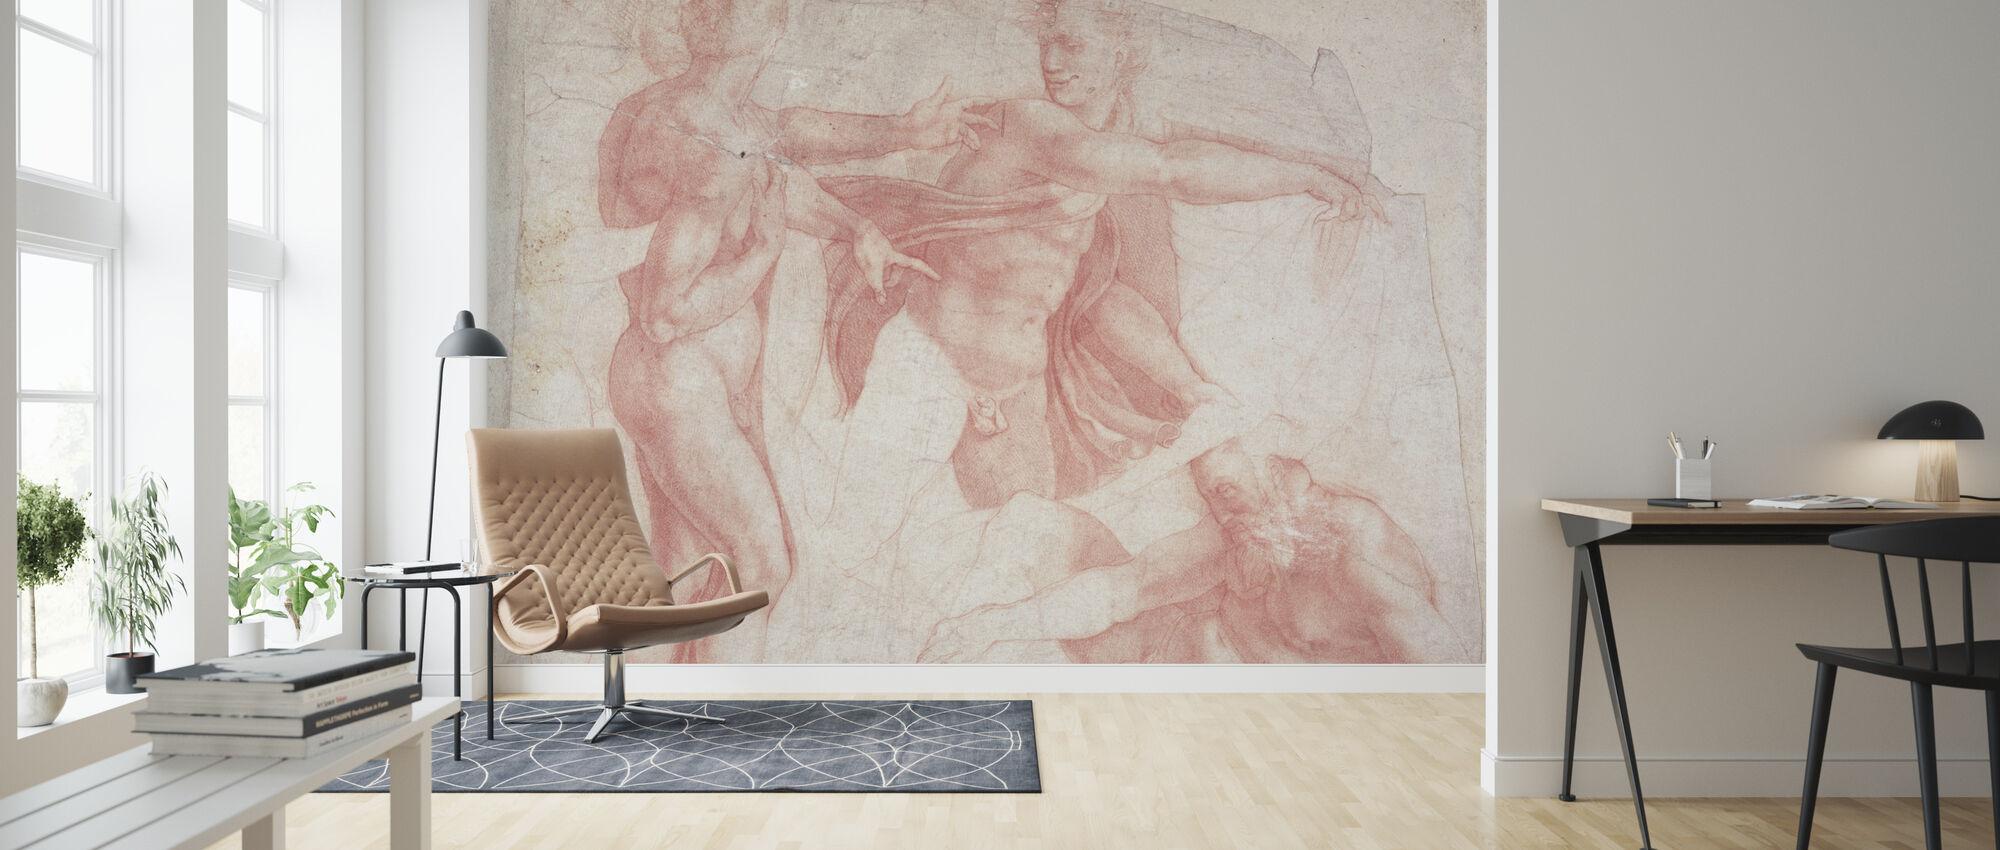 Études des nus masculins - Michelangelo Buonarroti - Papier peint - Salle à manger